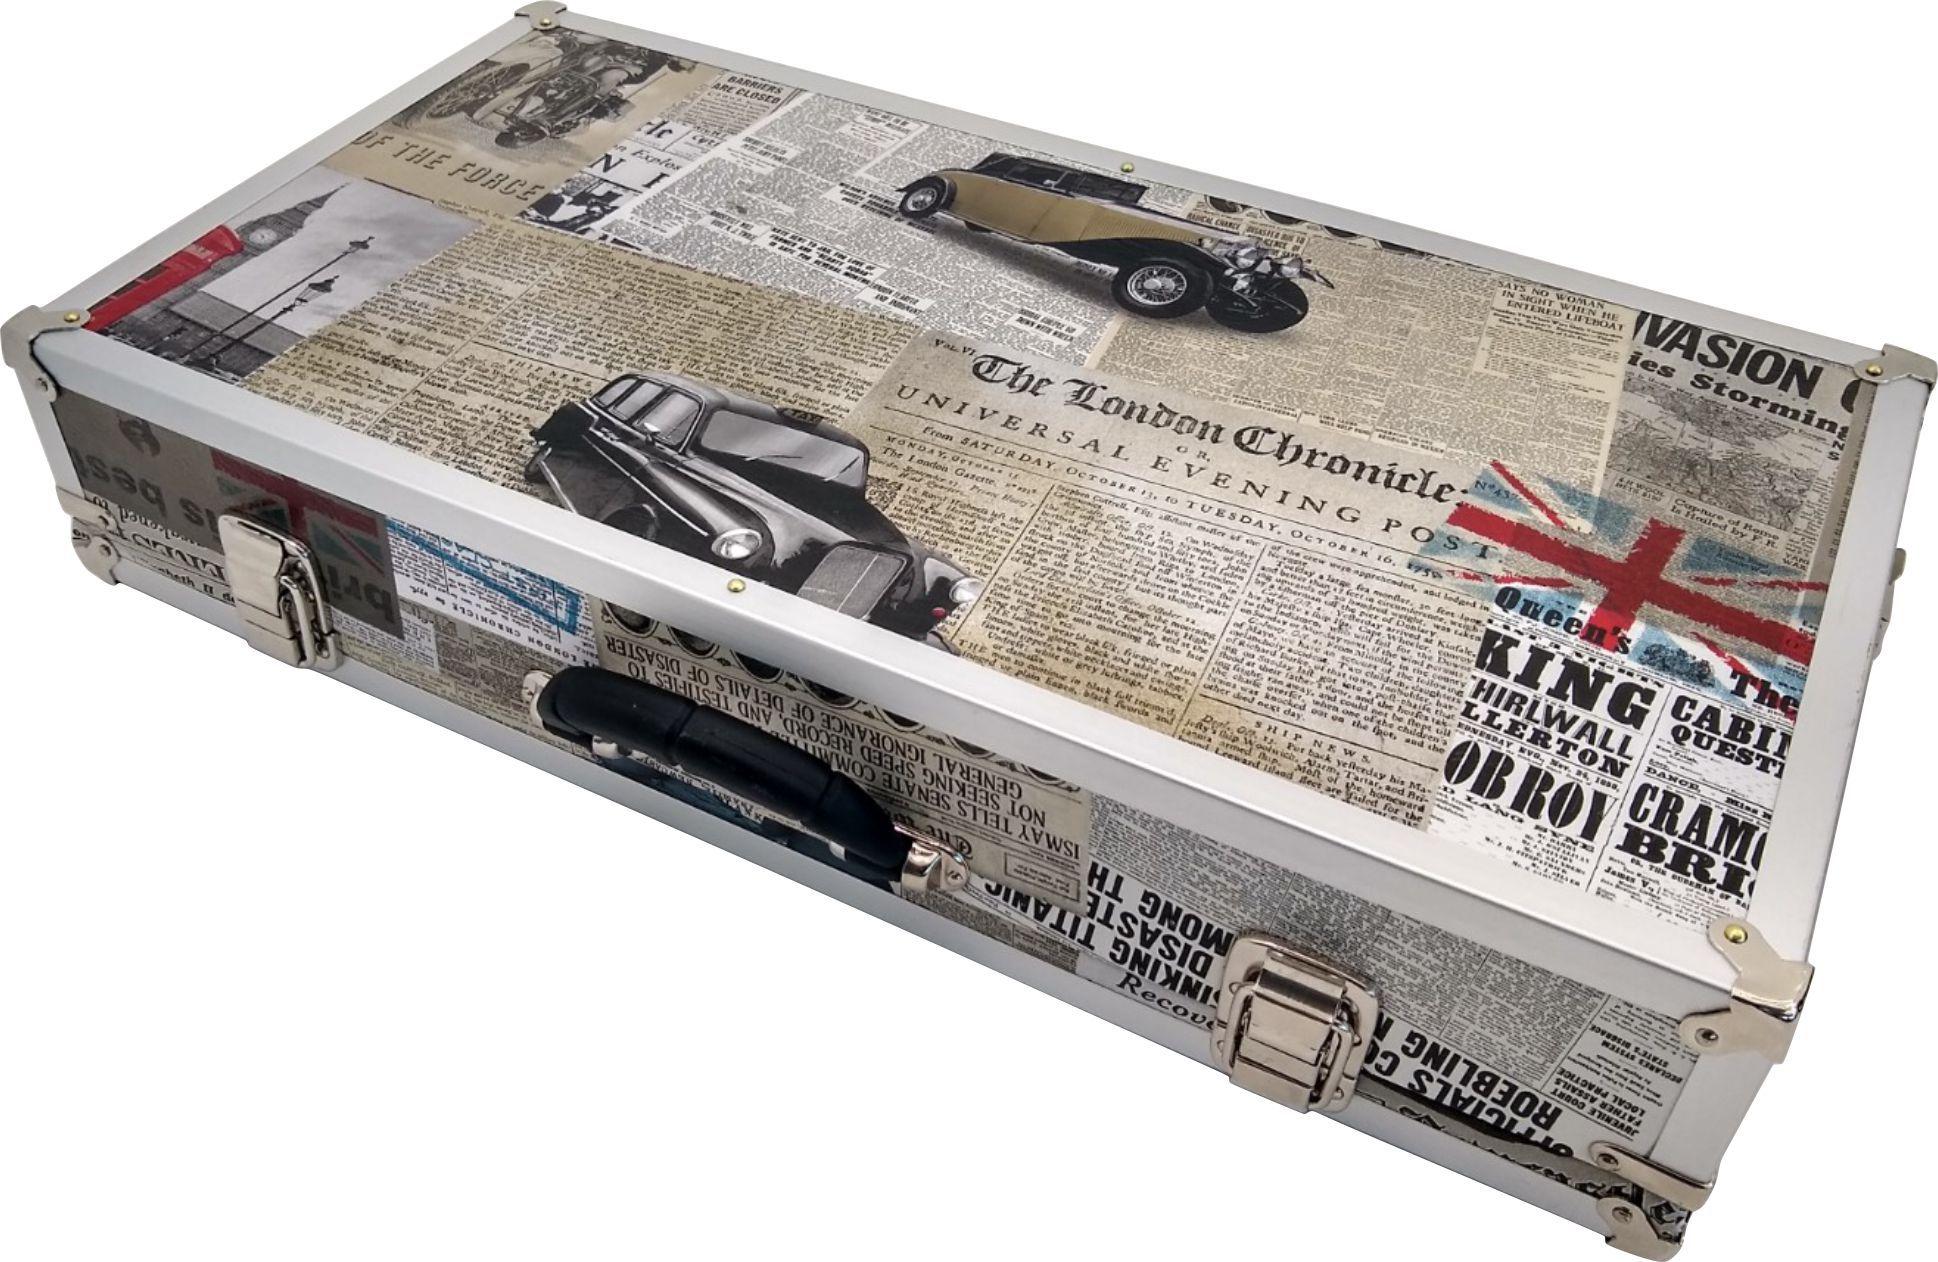 Case Para Pedaleira G5n Tema London